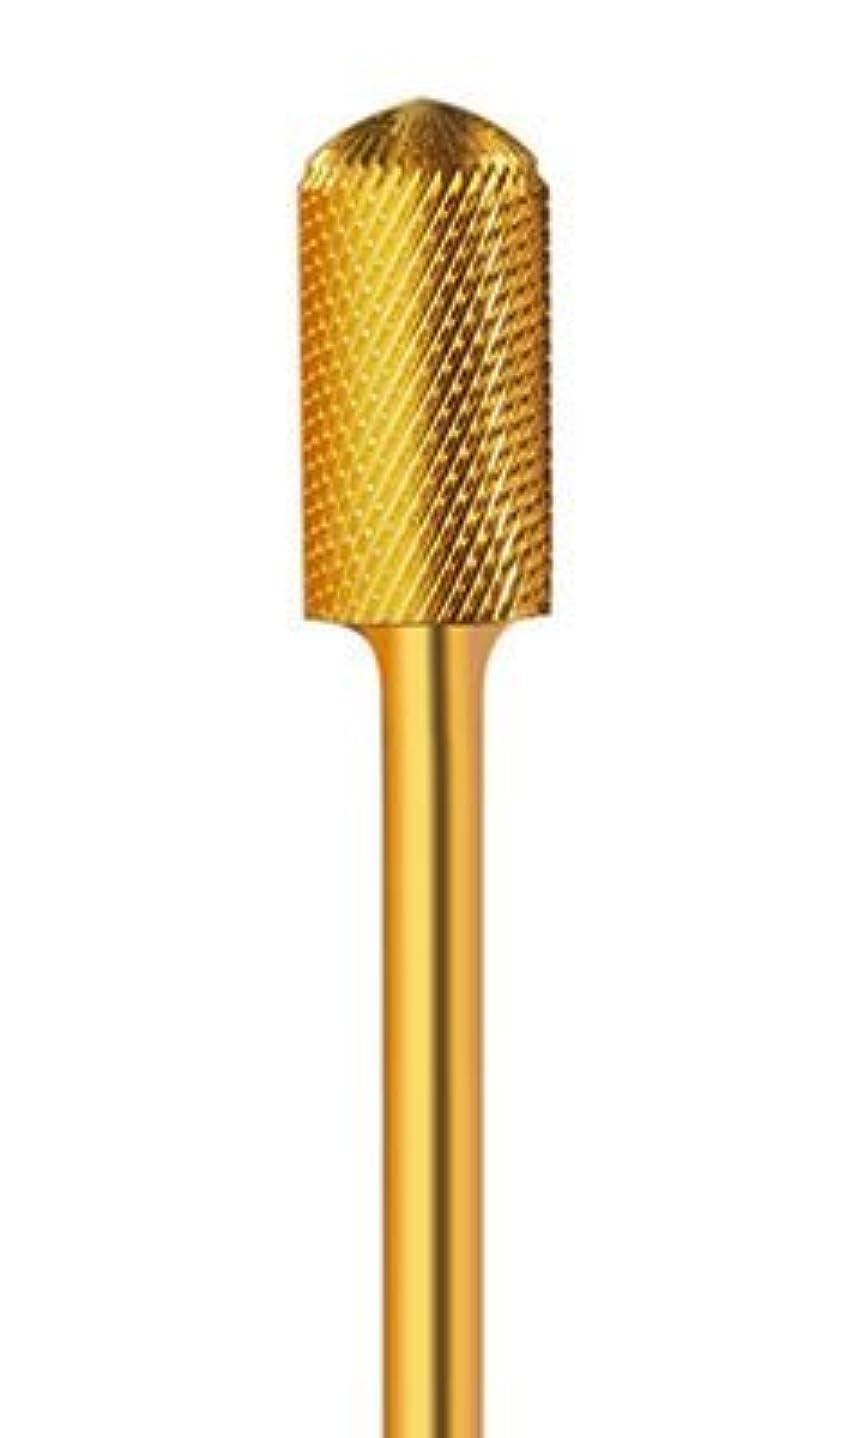 献身インフルエンザ引き渡すネイルマシーン用アタッチメントビット バレル ゴールド  ジェル、アクリルを削るのに最適です